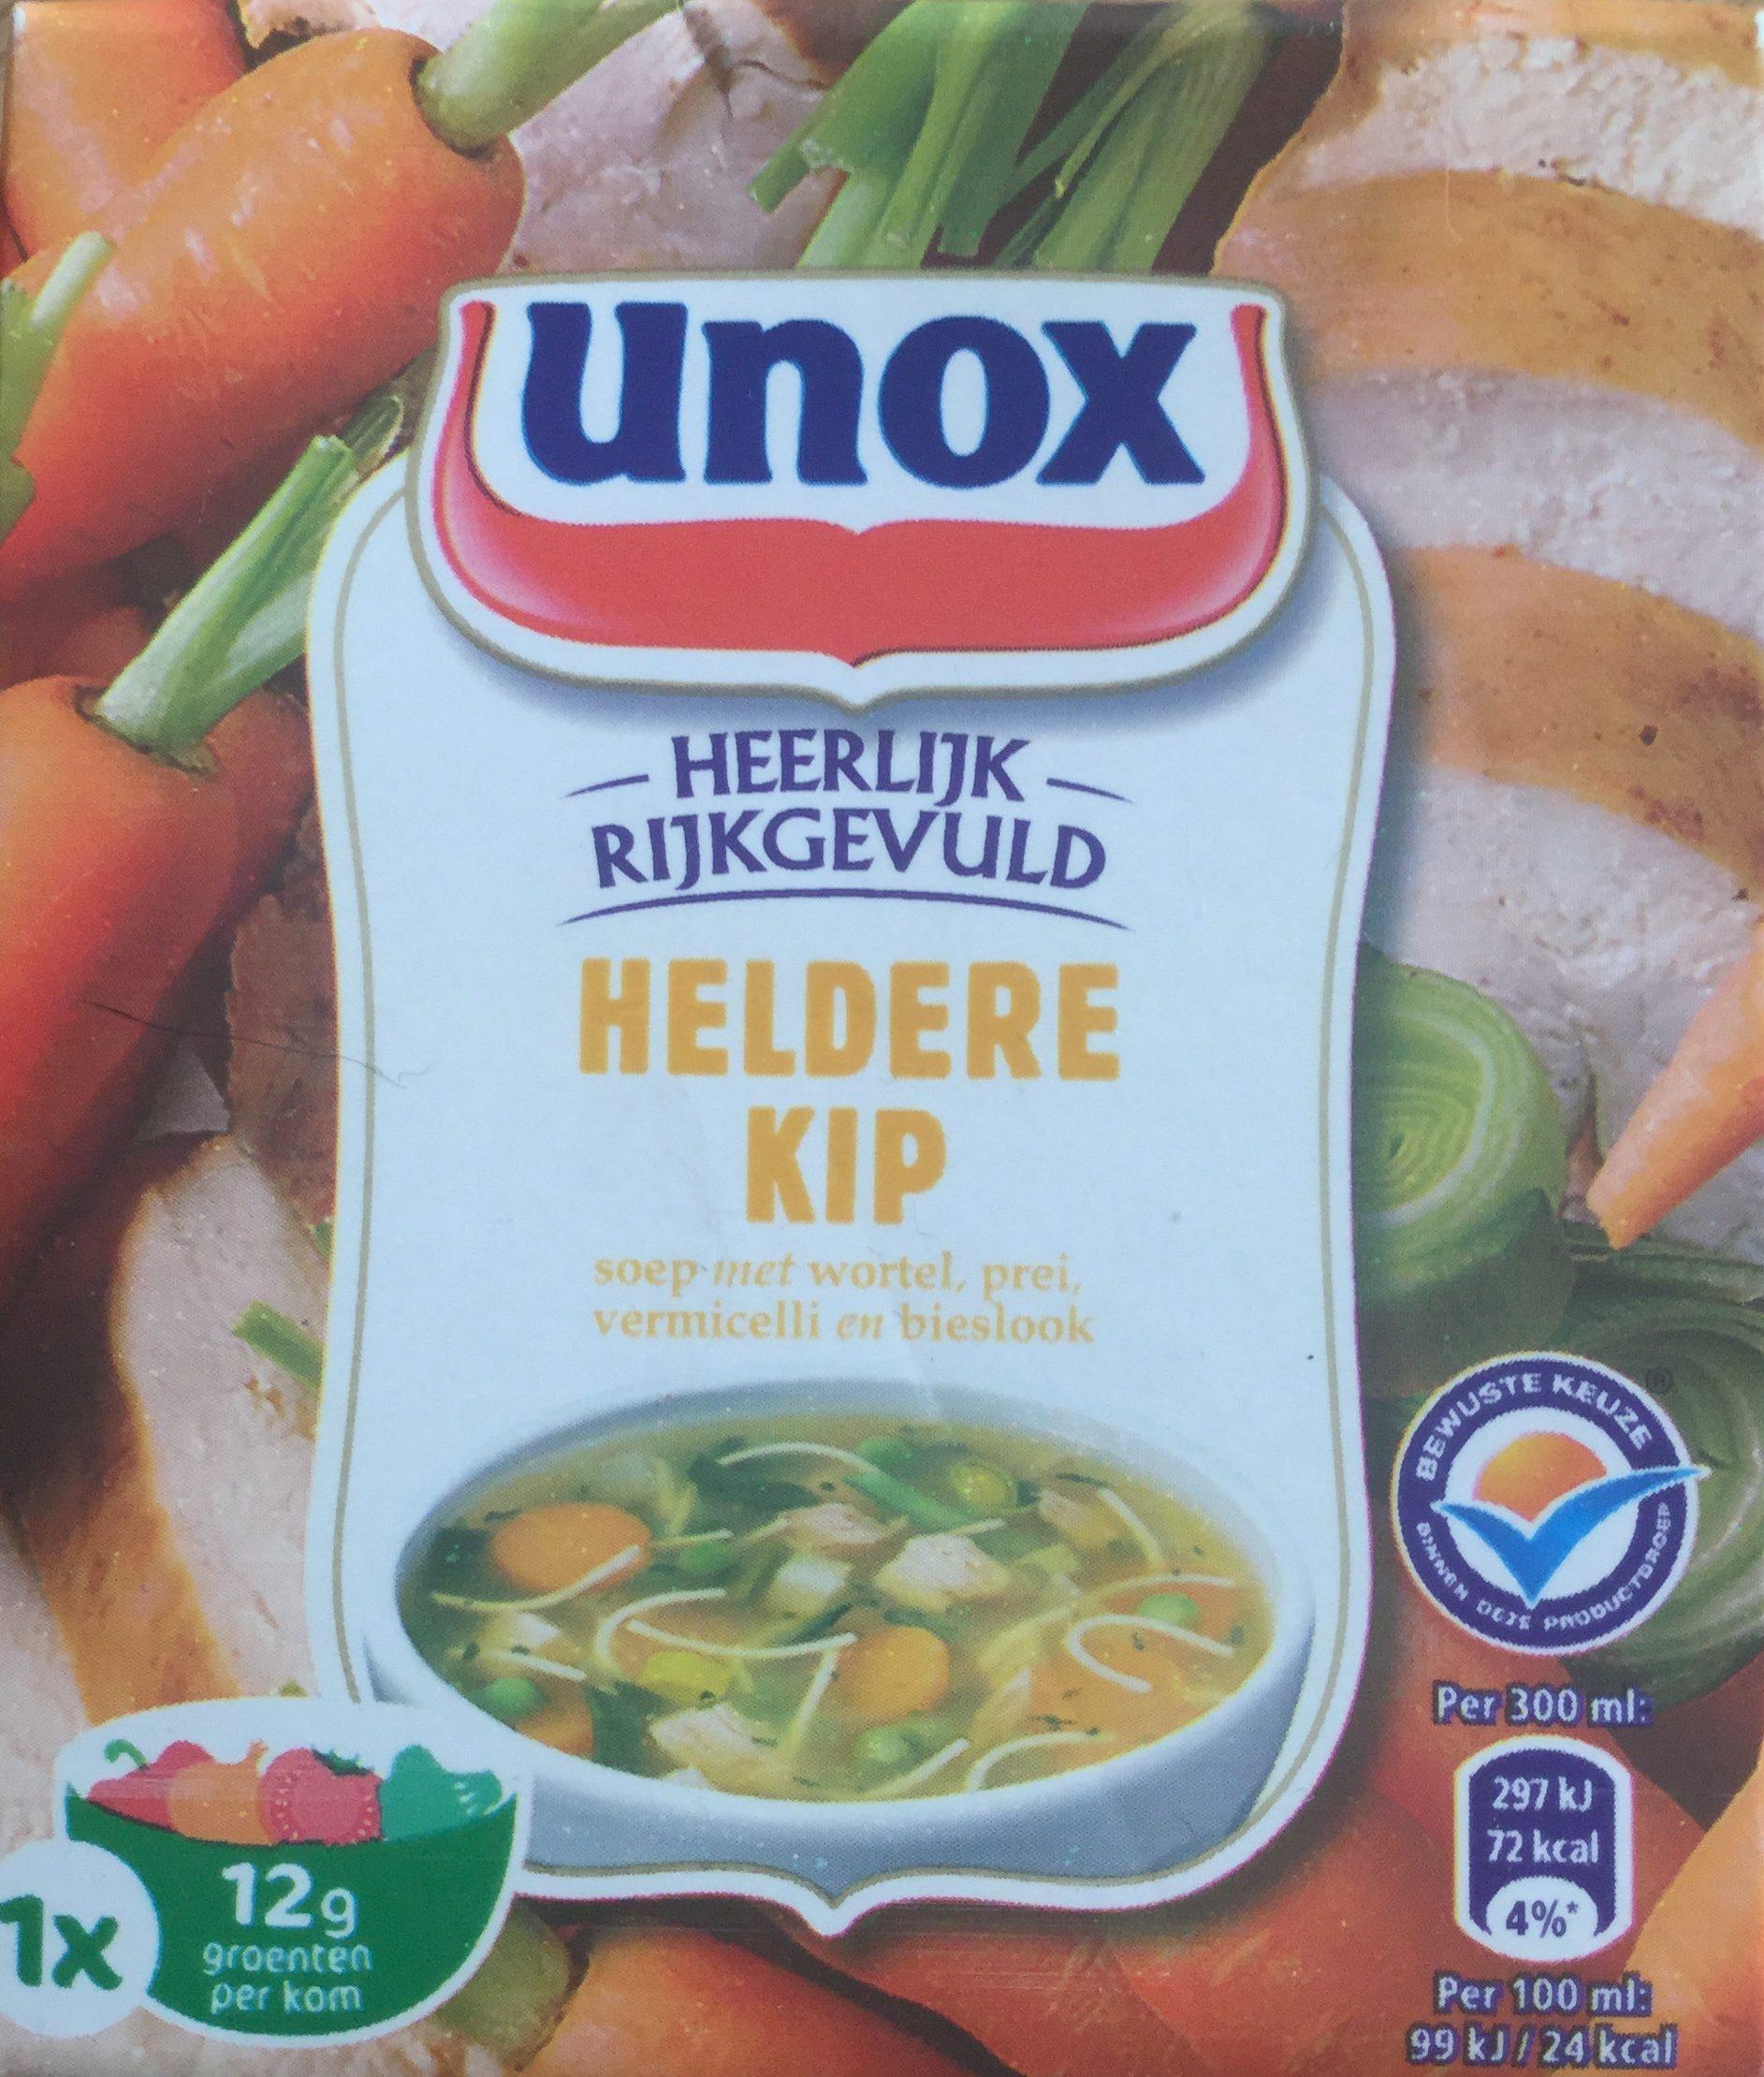 Heldere kip - Product - nl